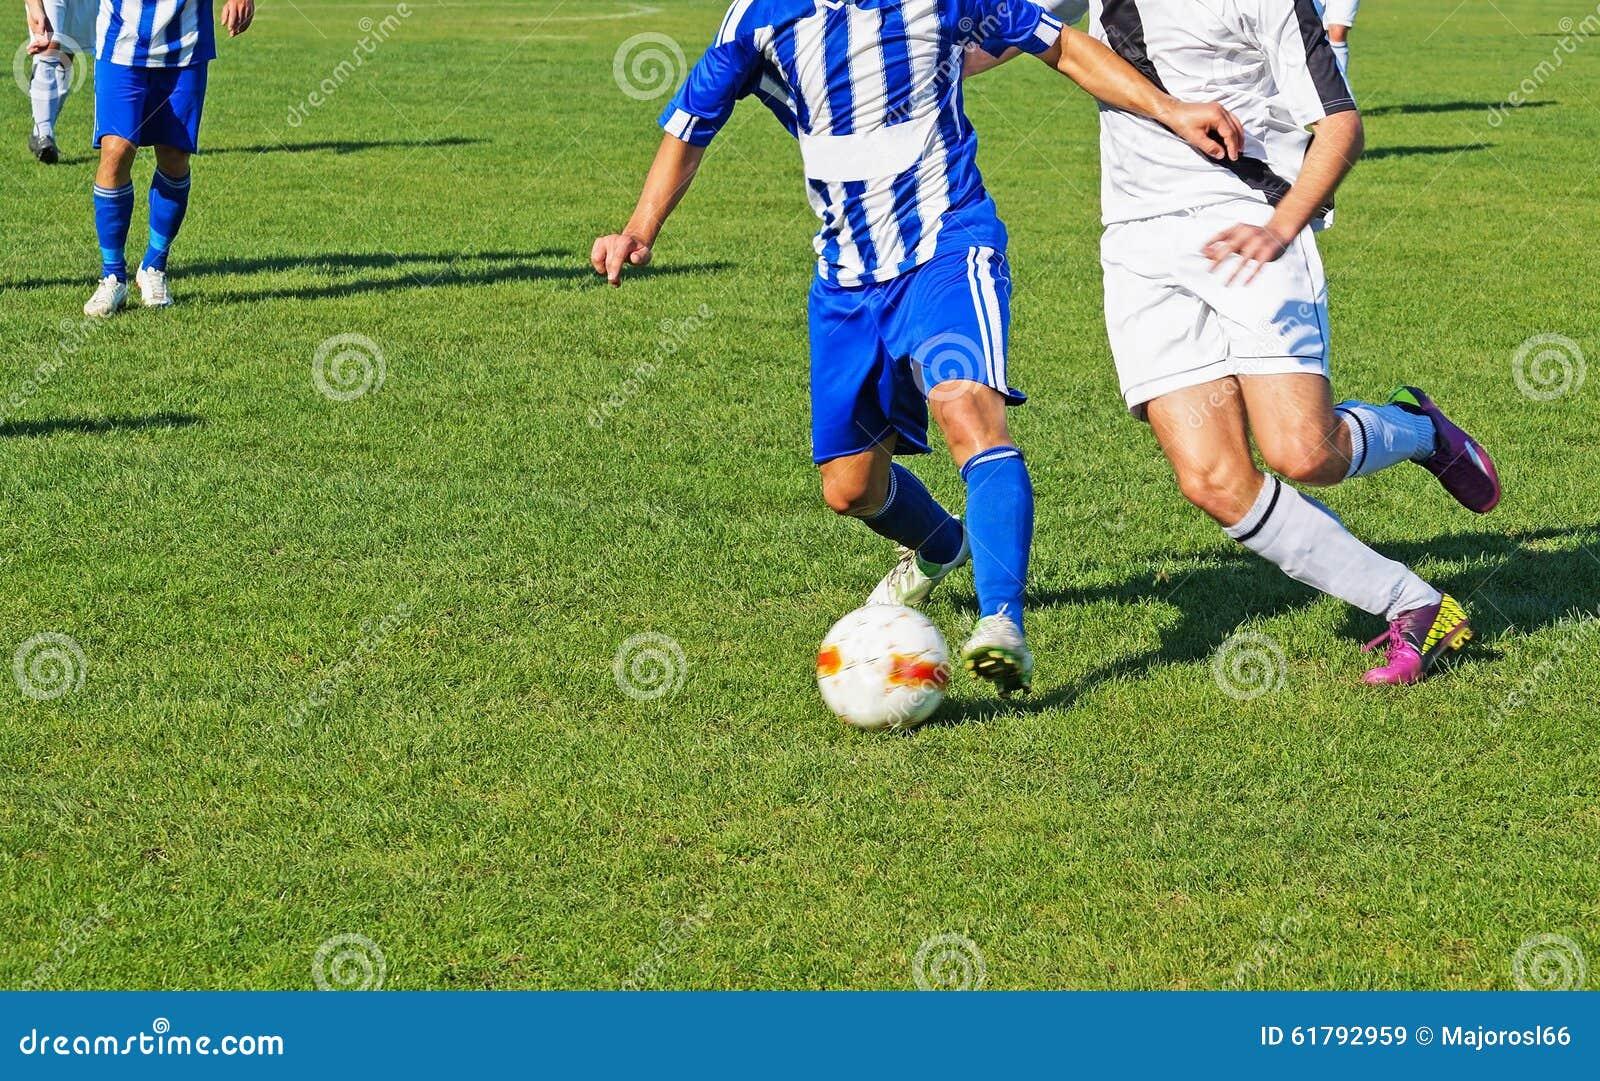 De mensen spelen voetbal